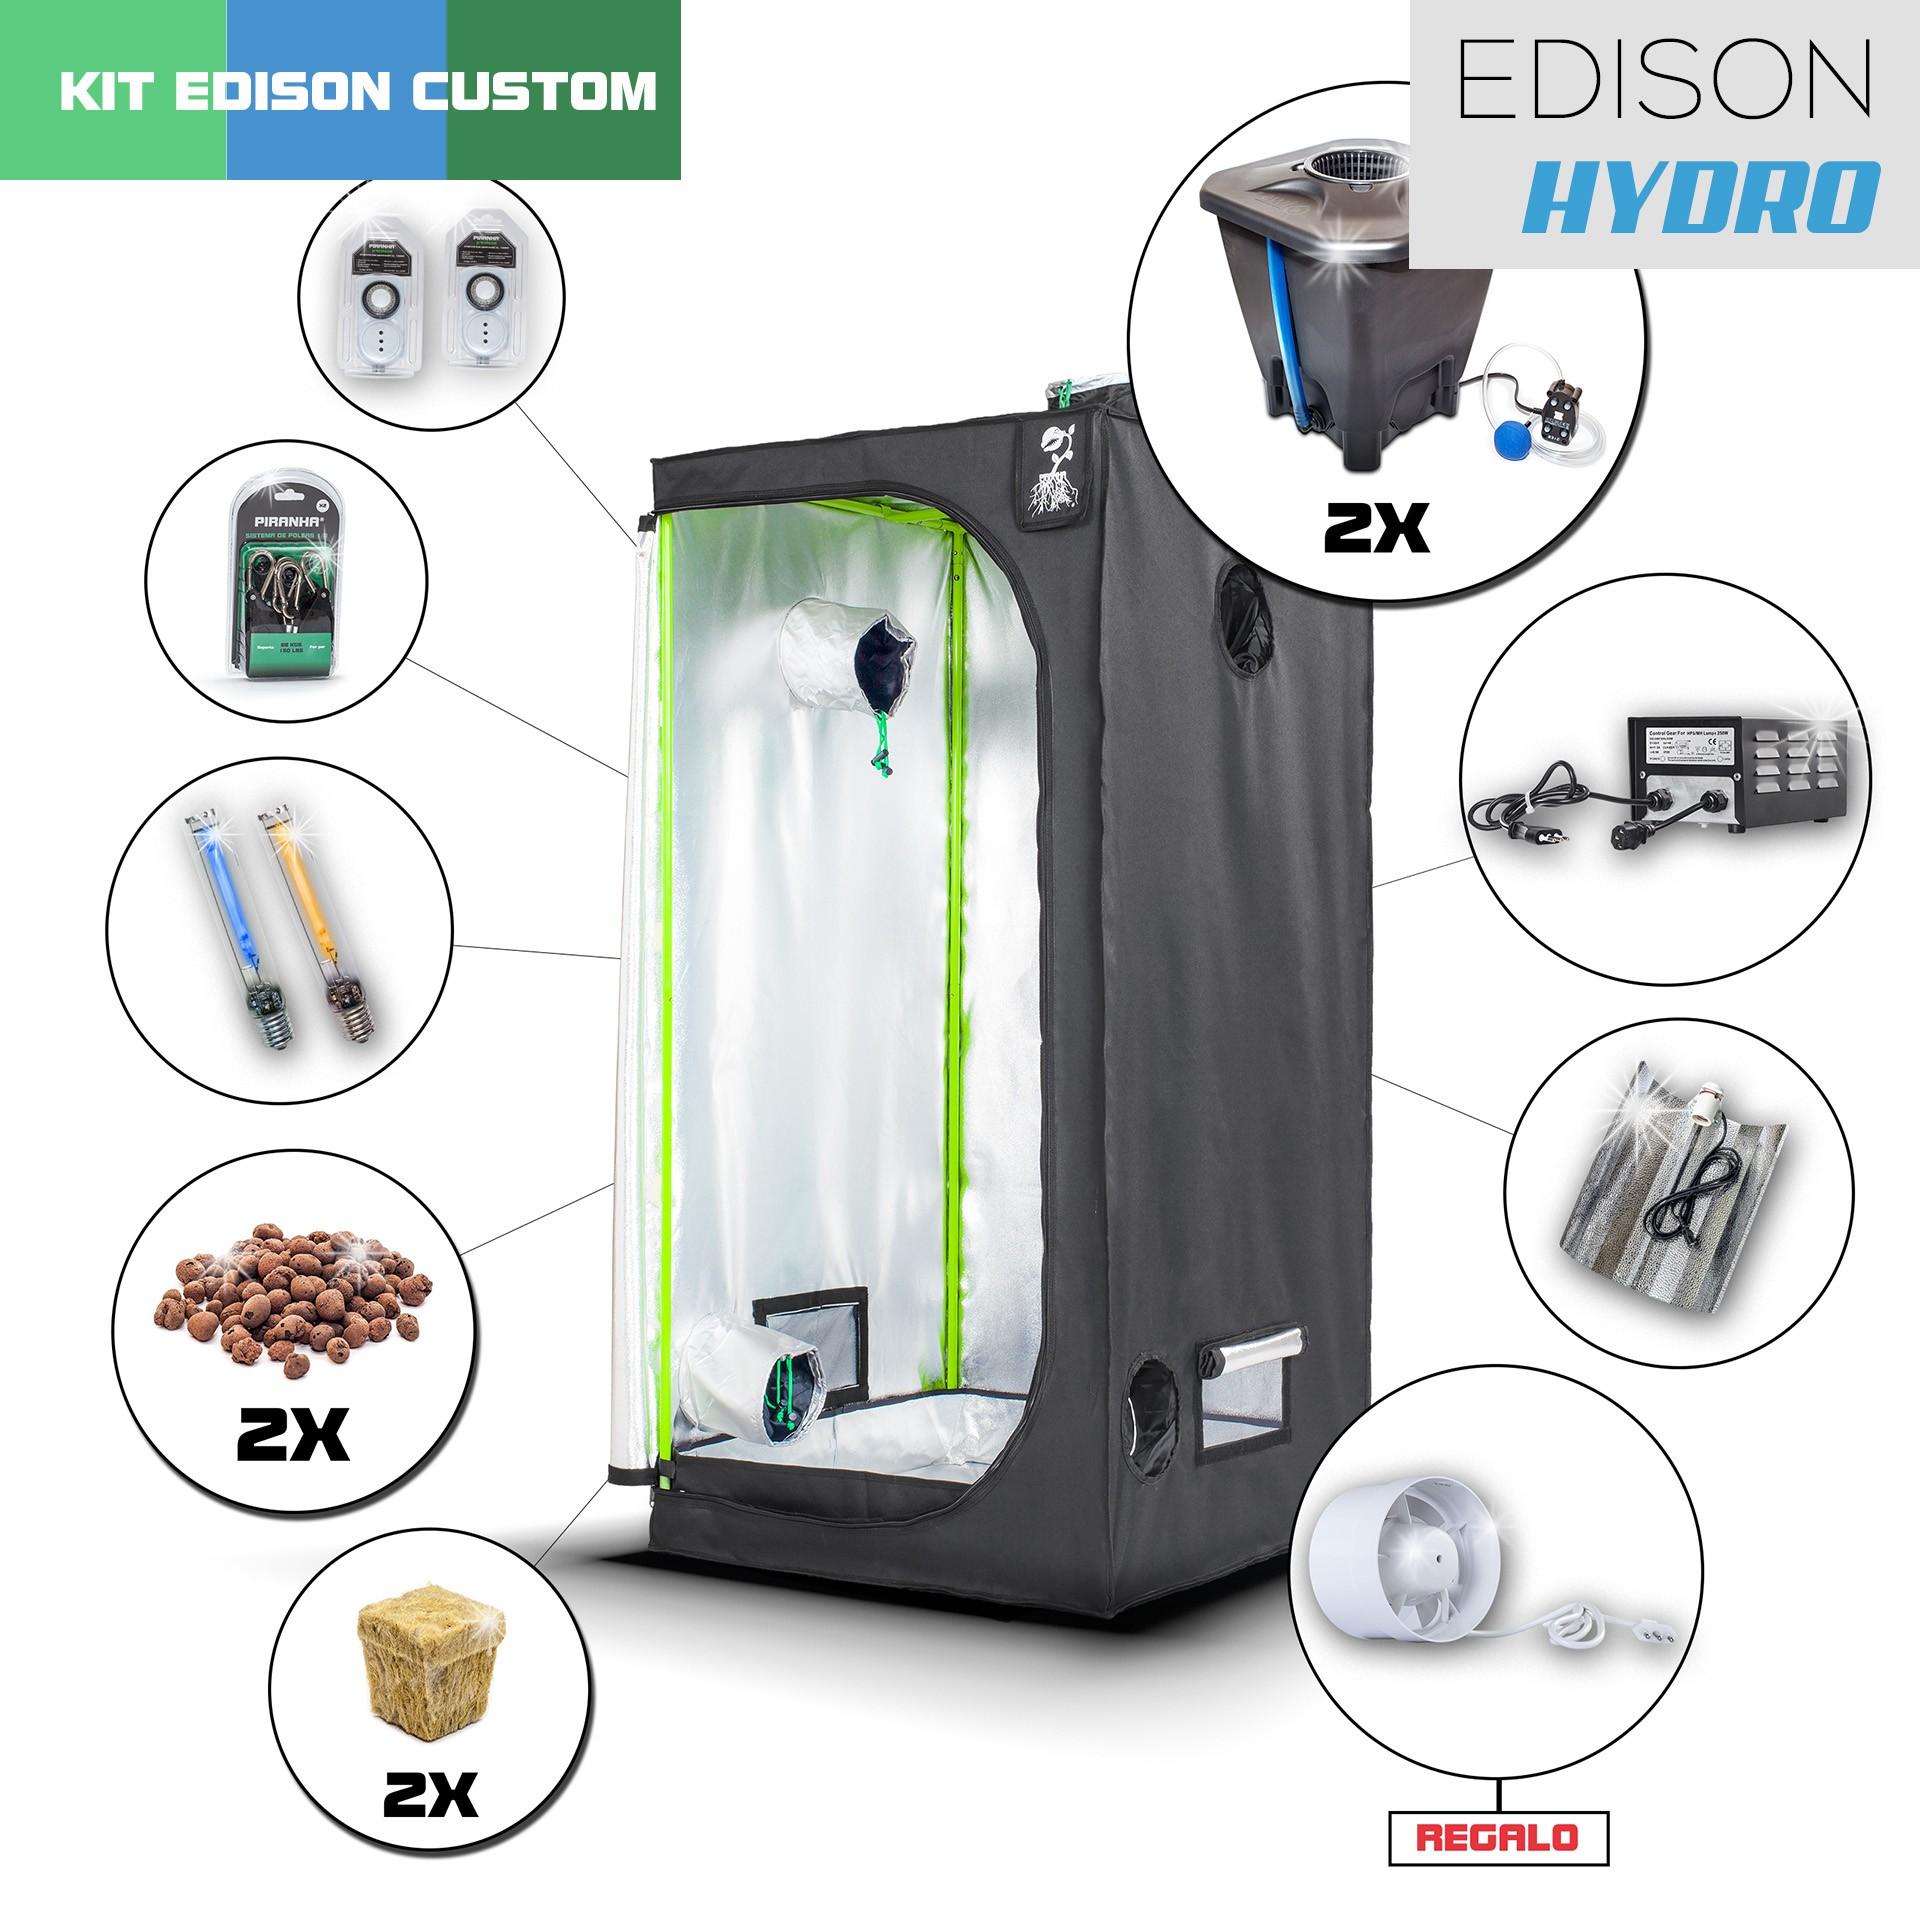 Kit Edison Hydro 80 - 250W Custom